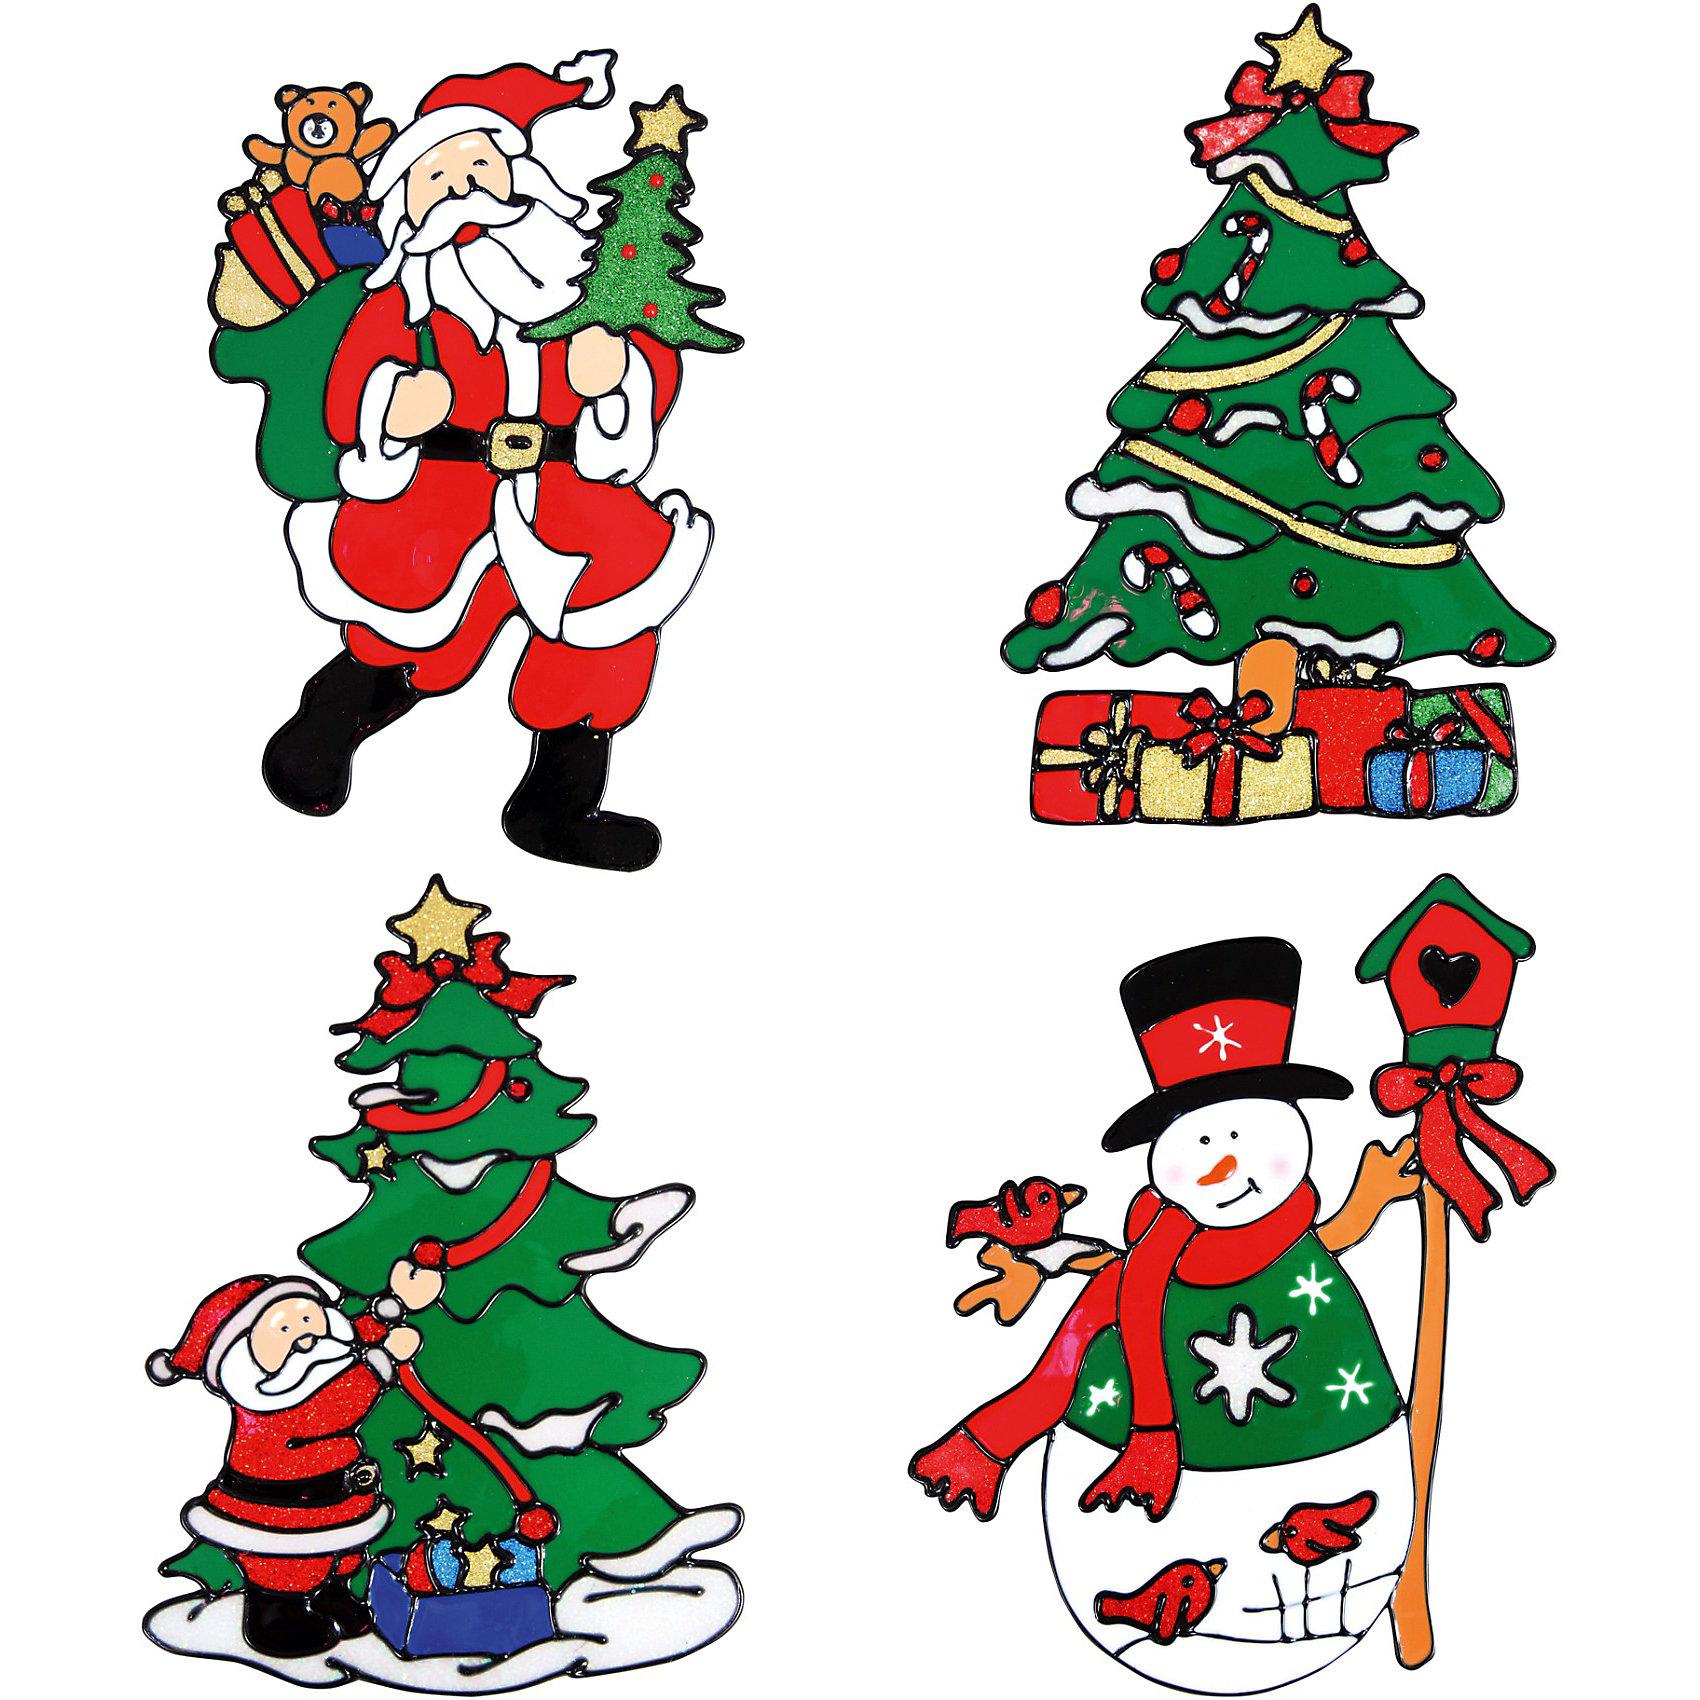 Декоративное украшение (наклейка на окно), 22,5 см, в ассортиментеДекоративное украшение (наклейка на окно), Волшебная страна замечательно украсит Ваш интерьер и создаст праздничное новогоднее настроение. В ассортименте представлены 4 варианта дизайна наклеек: елочка, снеговик и 2 разных картинки с изображением Деда Мороза.<br><br>Дополнительная информация:<br><br>- Размер наклейки: 22,5 см.<br>- Вес: 42 гр. <br><br>Декоративное украшение (наклейку на окно), Волшебная страна можно купить в нашем интернет-магазине.<br><br>ВНИМАНИЕ! Данный артикул имеется в наличии в разных вариантах исполнения. Заранее выбрать определенный вариант нельзя. При заказе нескольких наклеек возможно получение одинаковых.<br><br>Ширина мм: 320<br>Глубина мм: 120<br>Высота мм: 200<br>Вес г: 42<br>Возраст от месяцев: 60<br>Возраст до месяцев: 180<br>Пол: Унисекс<br>Возраст: Детский<br>SKU: 3791448